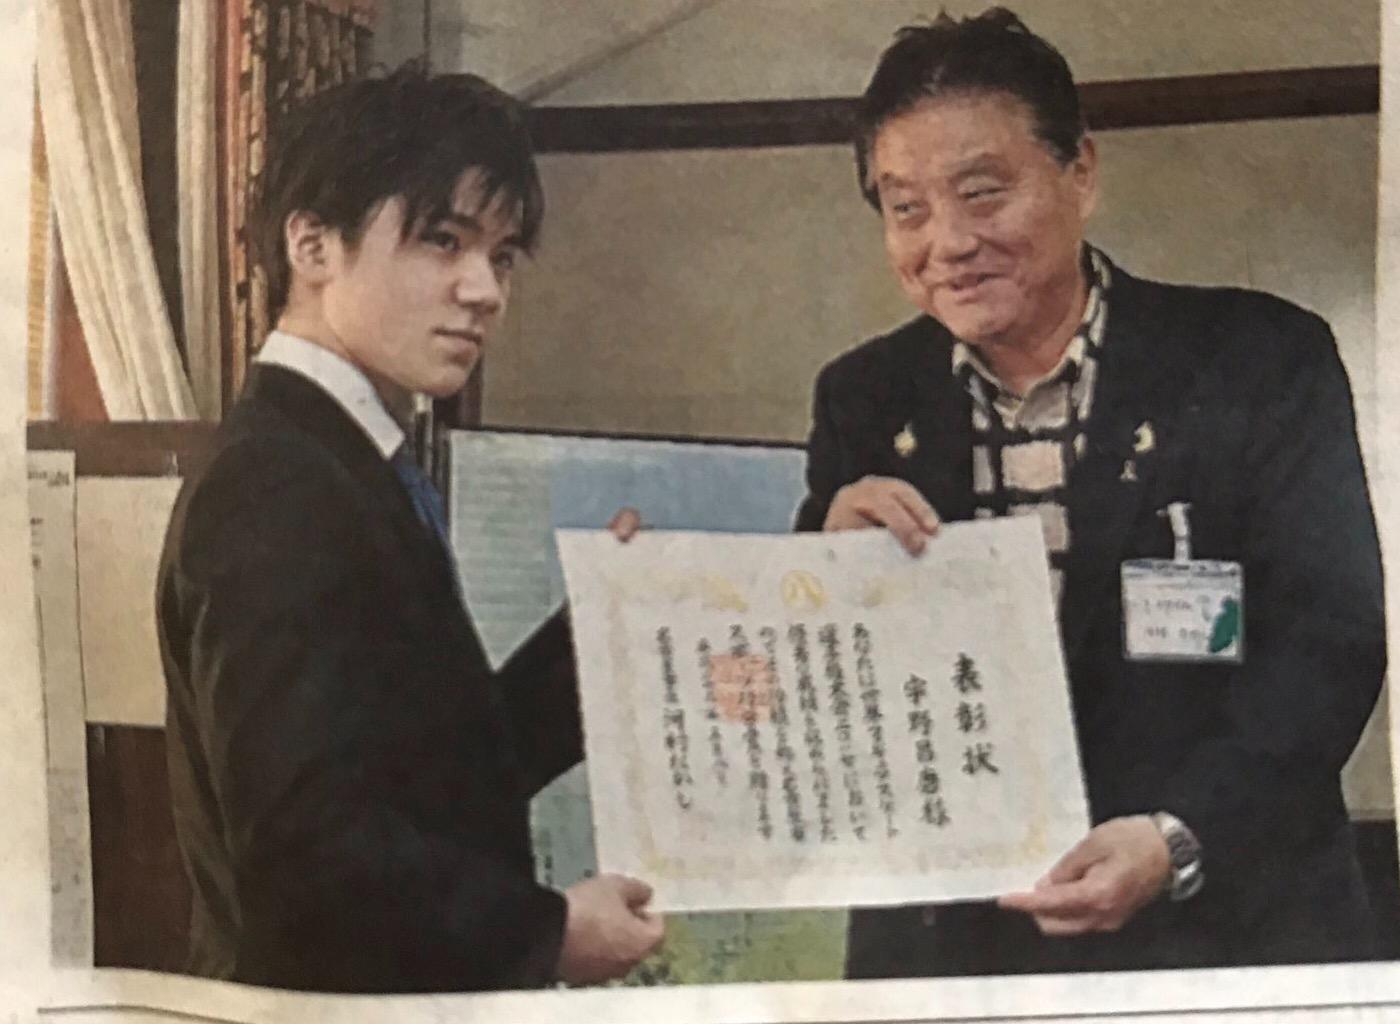 アイドル顔負けのルックスの良さ。宇野昌磨のイケメンさに名古屋市長も惚れ惚れ?